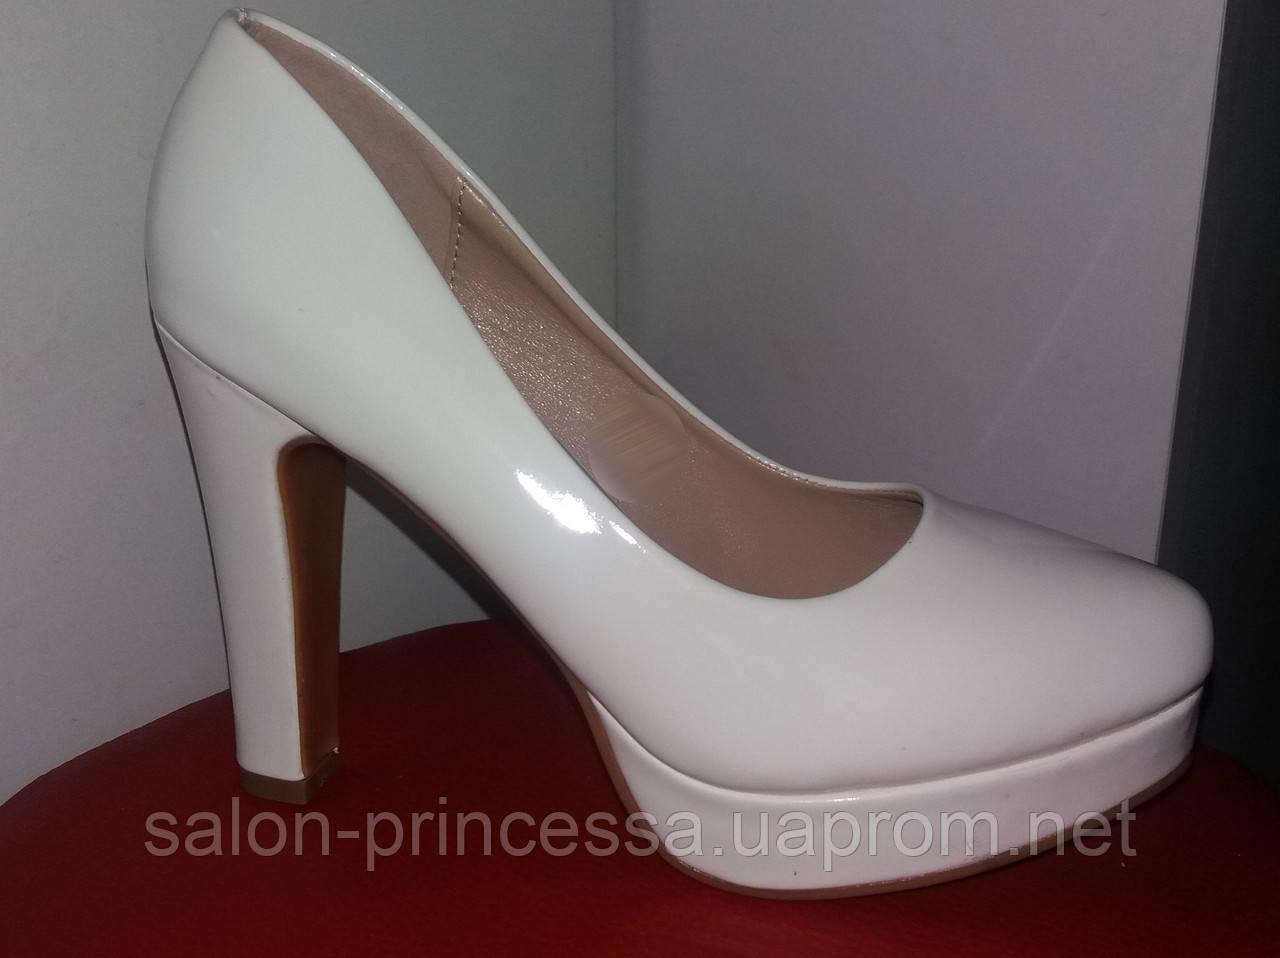 9c8f37d65 Свадебные туфли на платформе (П-39) лак; Размер 36, 37, 38, 40, цена ...